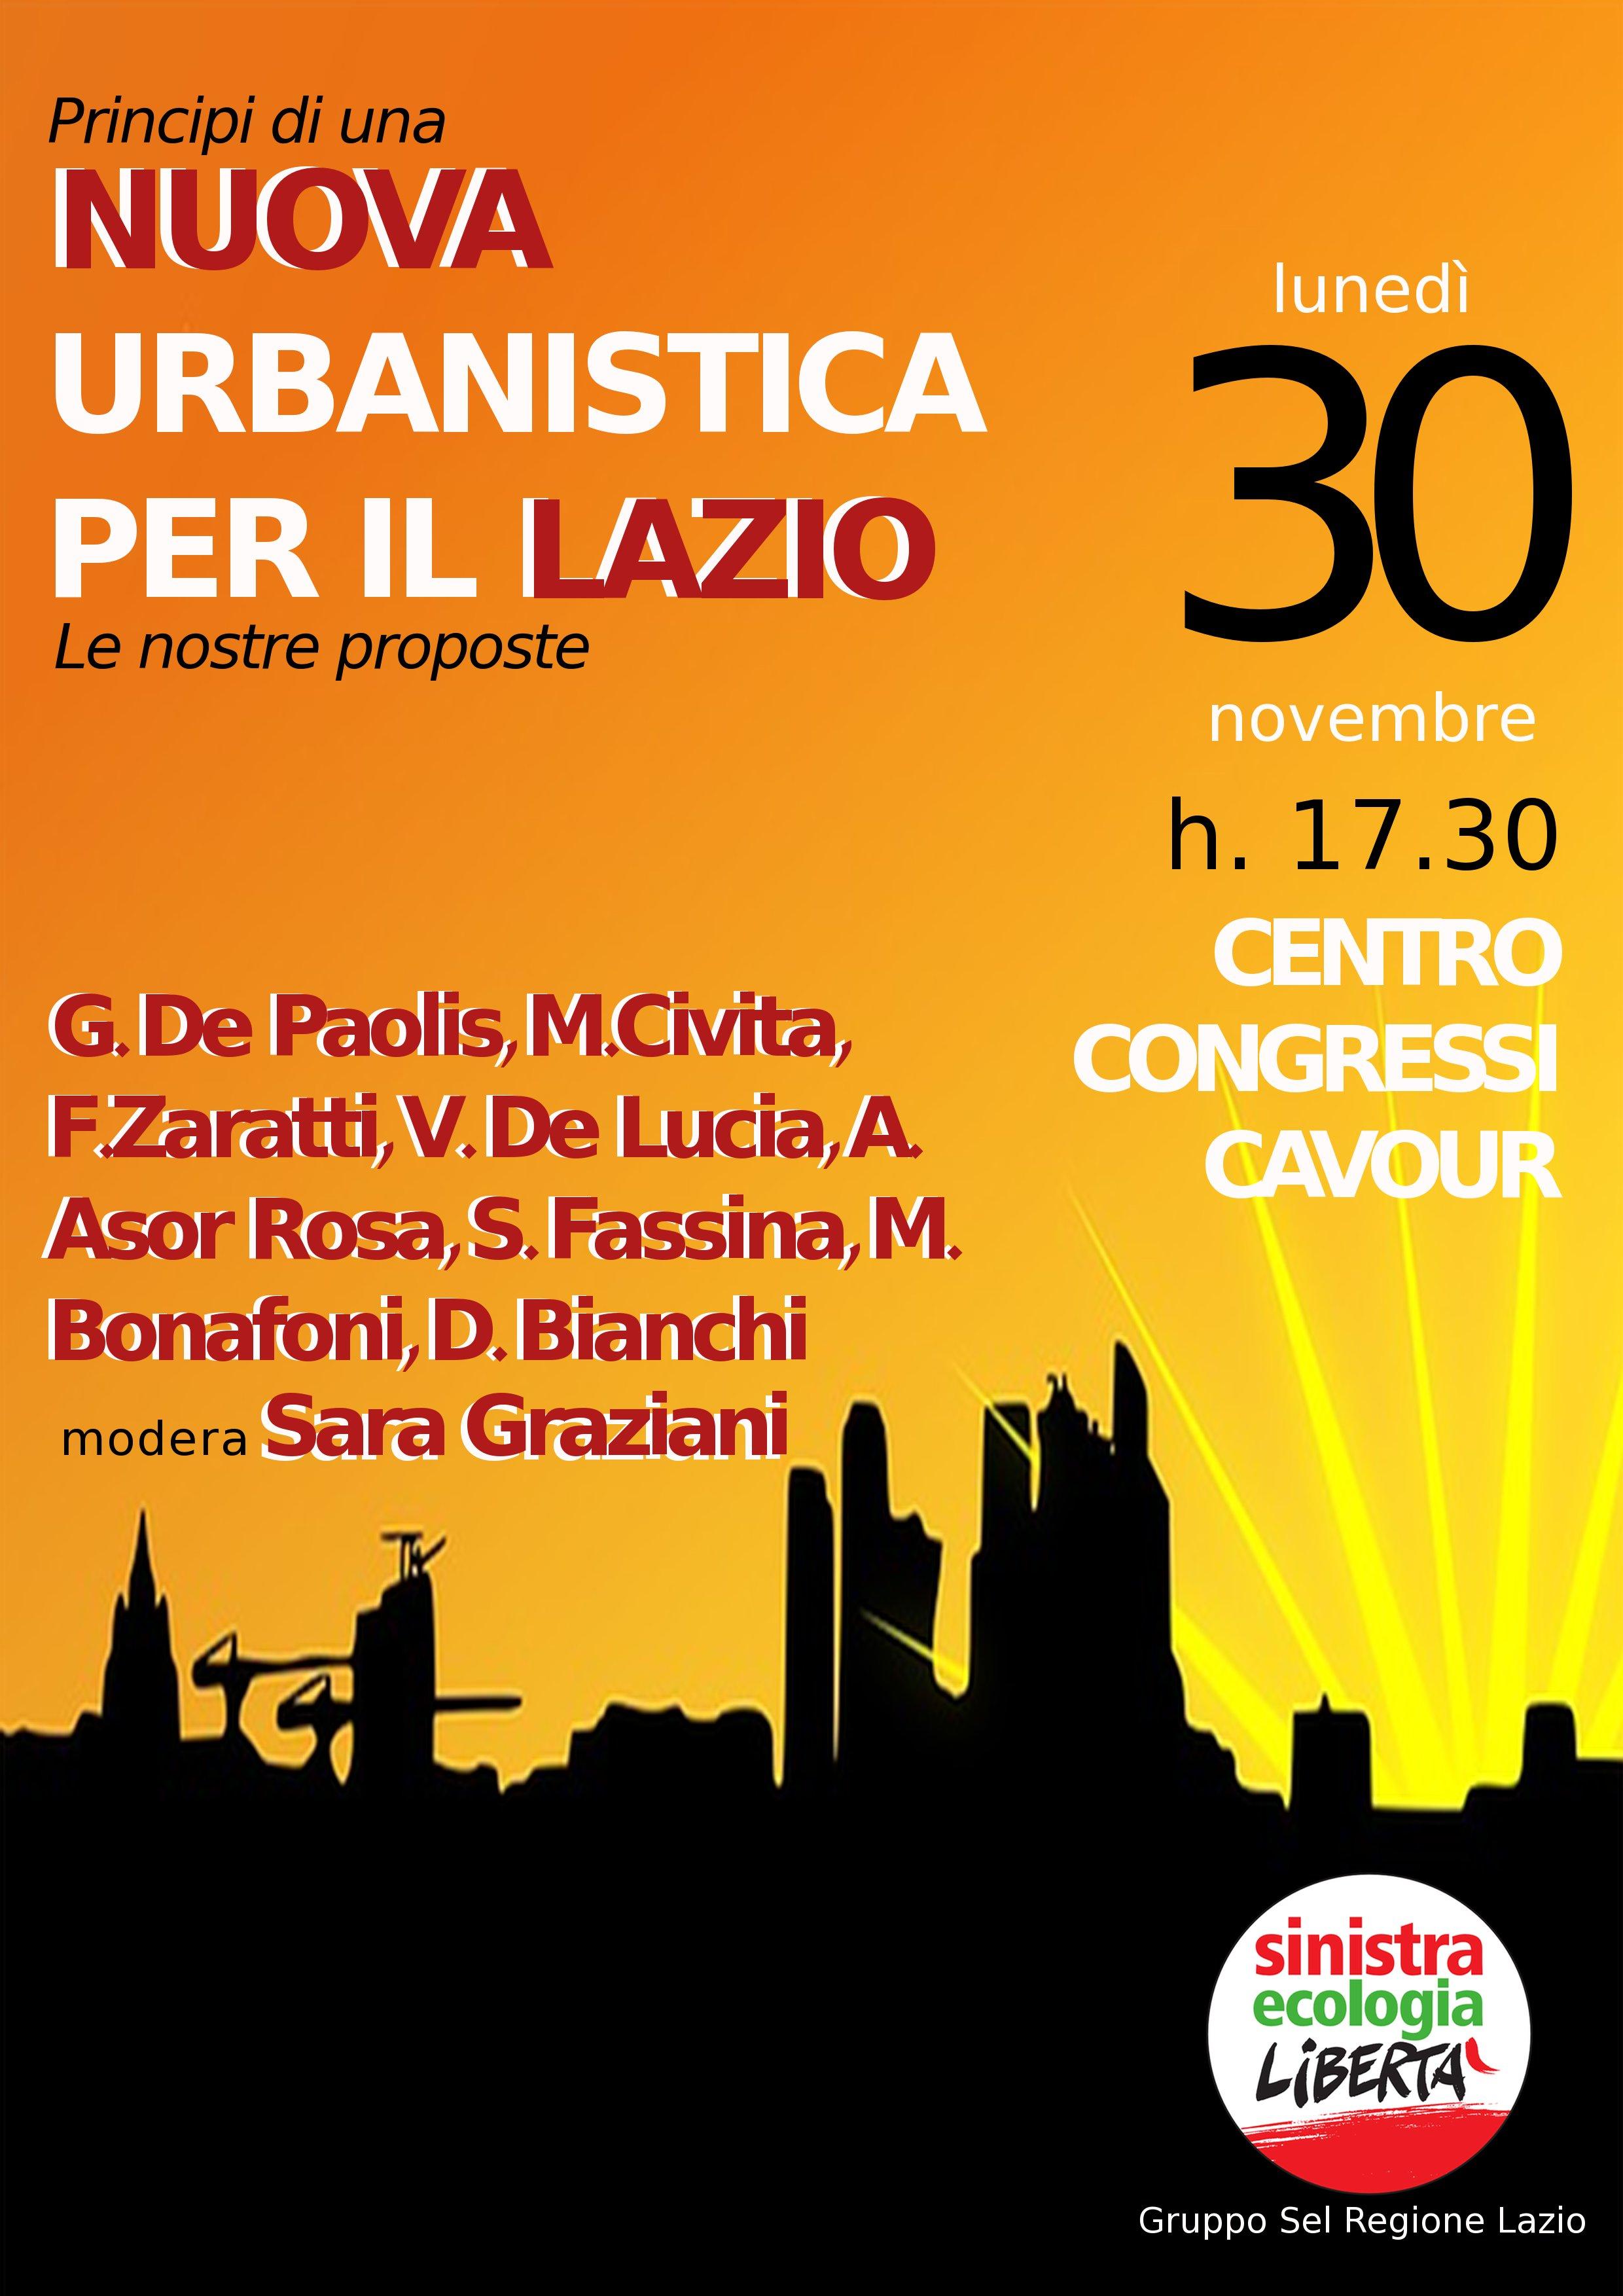 urbanistica-30nov